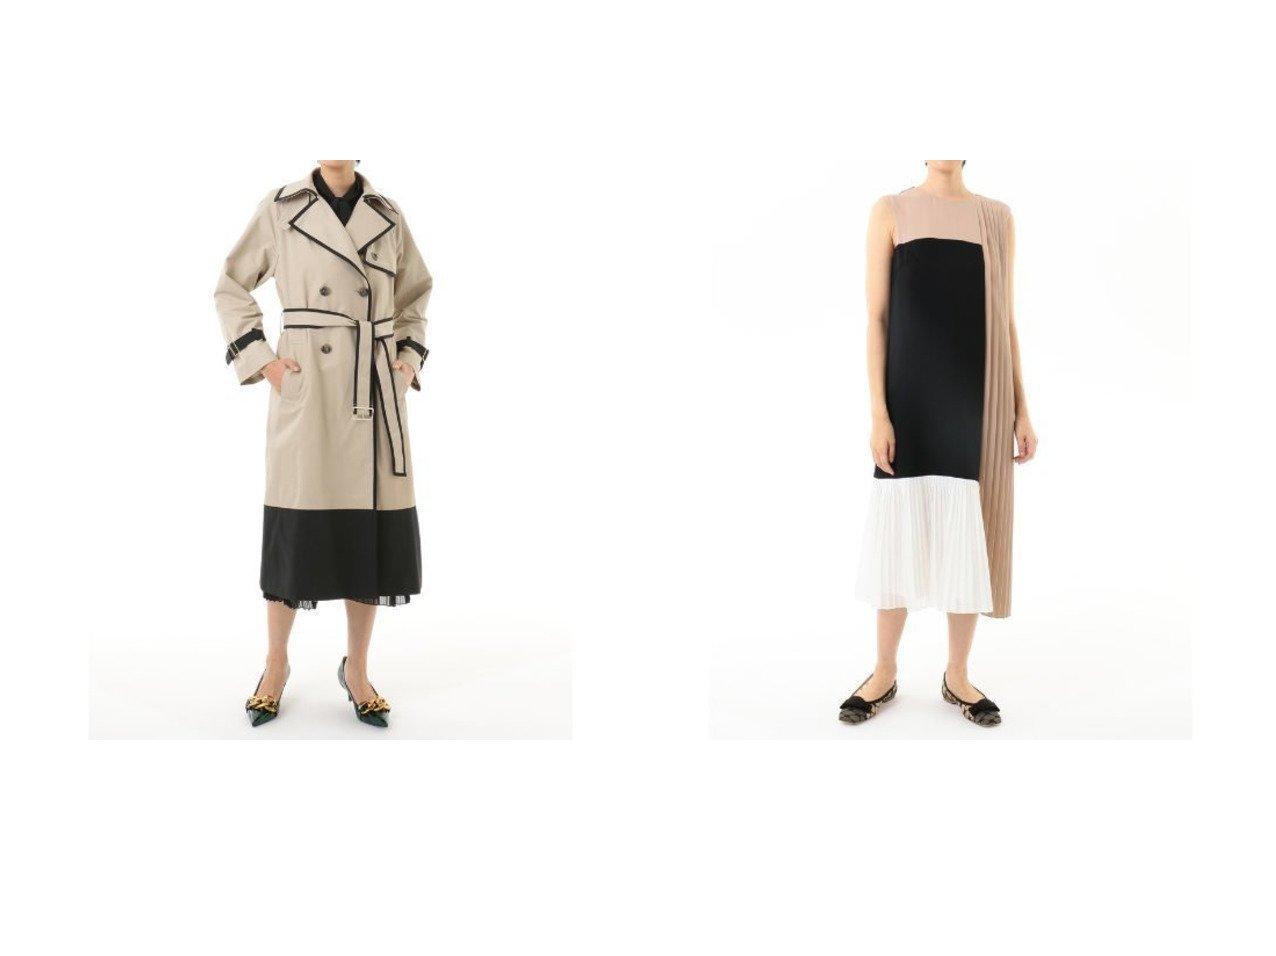 【GRACE CONTINENTAL/グレース コンチネンタル】のバイカラートレンチコート&カラーブロックプリーツワンピース GRACE CONTINENTALのおすすめ!人気、トレンド・レディースファッションの通販  おすすめで人気の流行・トレンド、ファッションの通販商品 メンズファッション・キッズファッション・インテリア・家具・レディースファッション・服の通販 founy(ファニー) https://founy.com/ ファッション Fashion レディースファッション WOMEN アウター Coat Outerwear コート Coats トレンチコート Trench Coats ワンピース Dress ドレス Party Dresses パイピング パッチ ドレス フェミニン フォーマル ブロック プリーツ モダン |ID:crp329100000018683